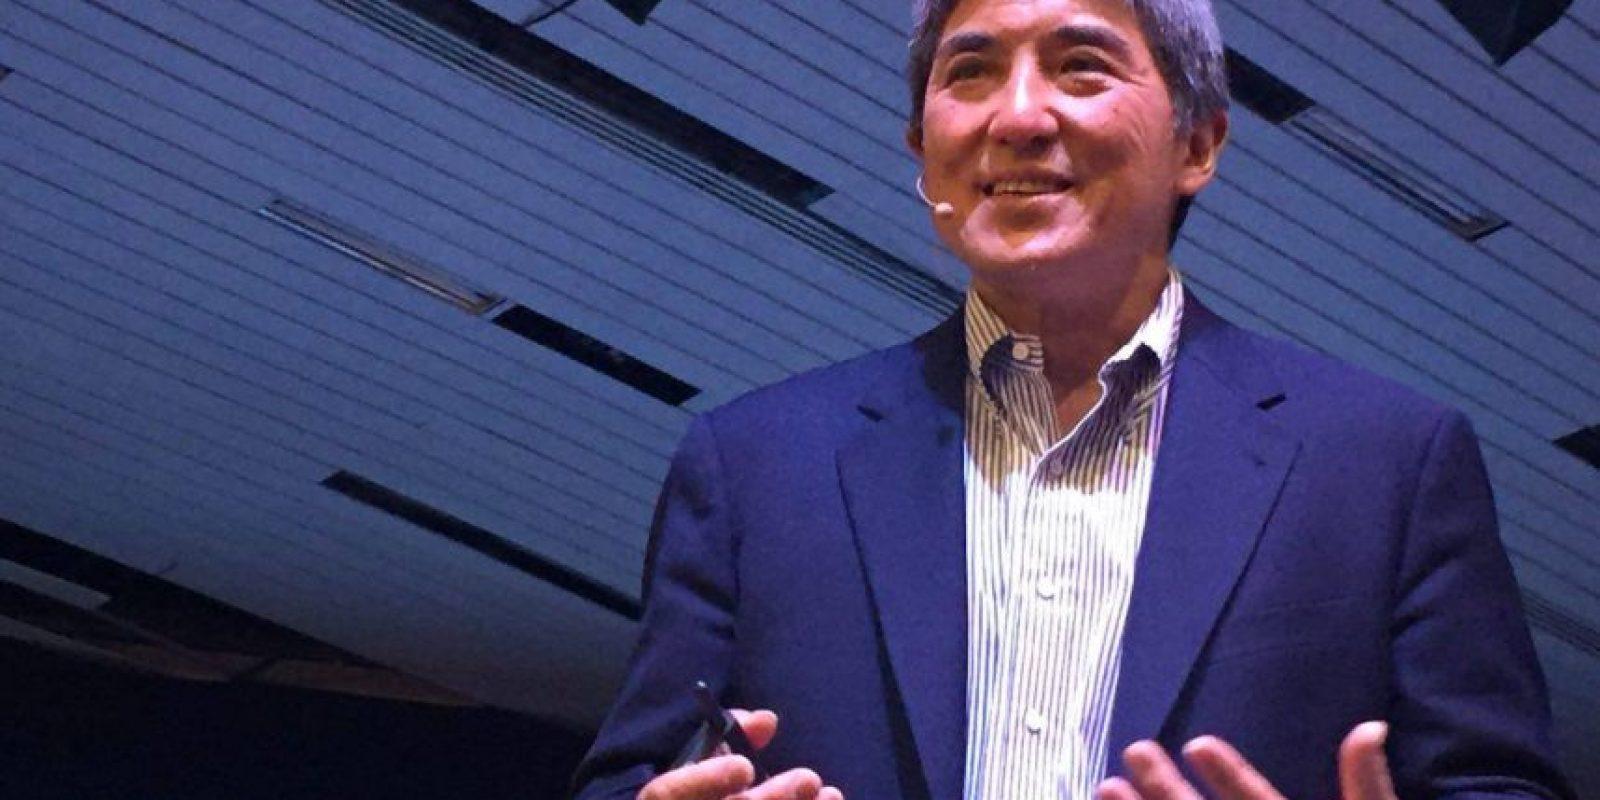 Kawasaki presentaba los nuevos productos de Apple en los 80. Foto:Tomado de Facebook/CampusPartyMexico